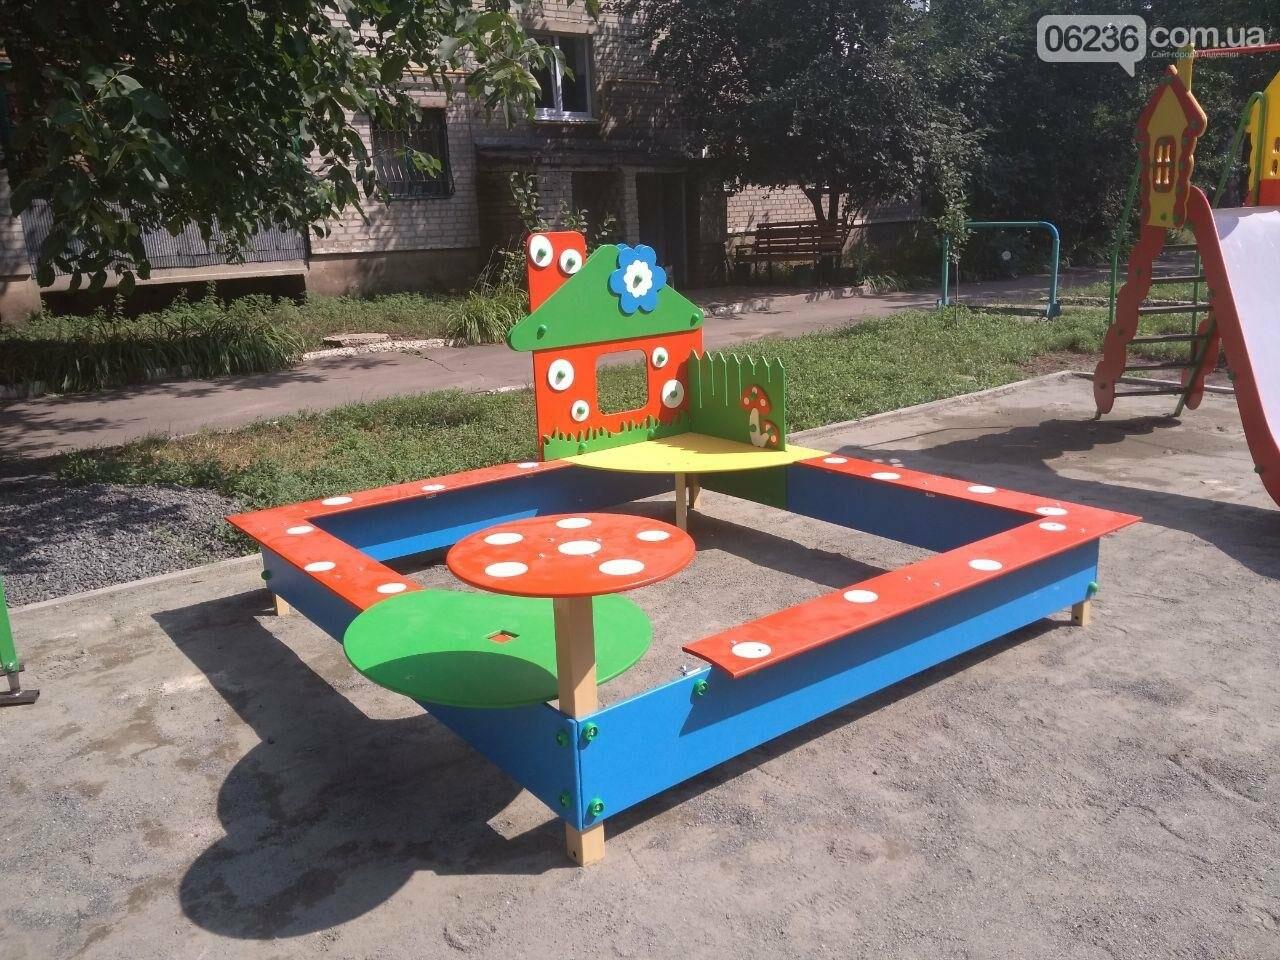 В Авдеевке приступили к монтажу современной детской площадки (ФОТОФАКТ), фото-2